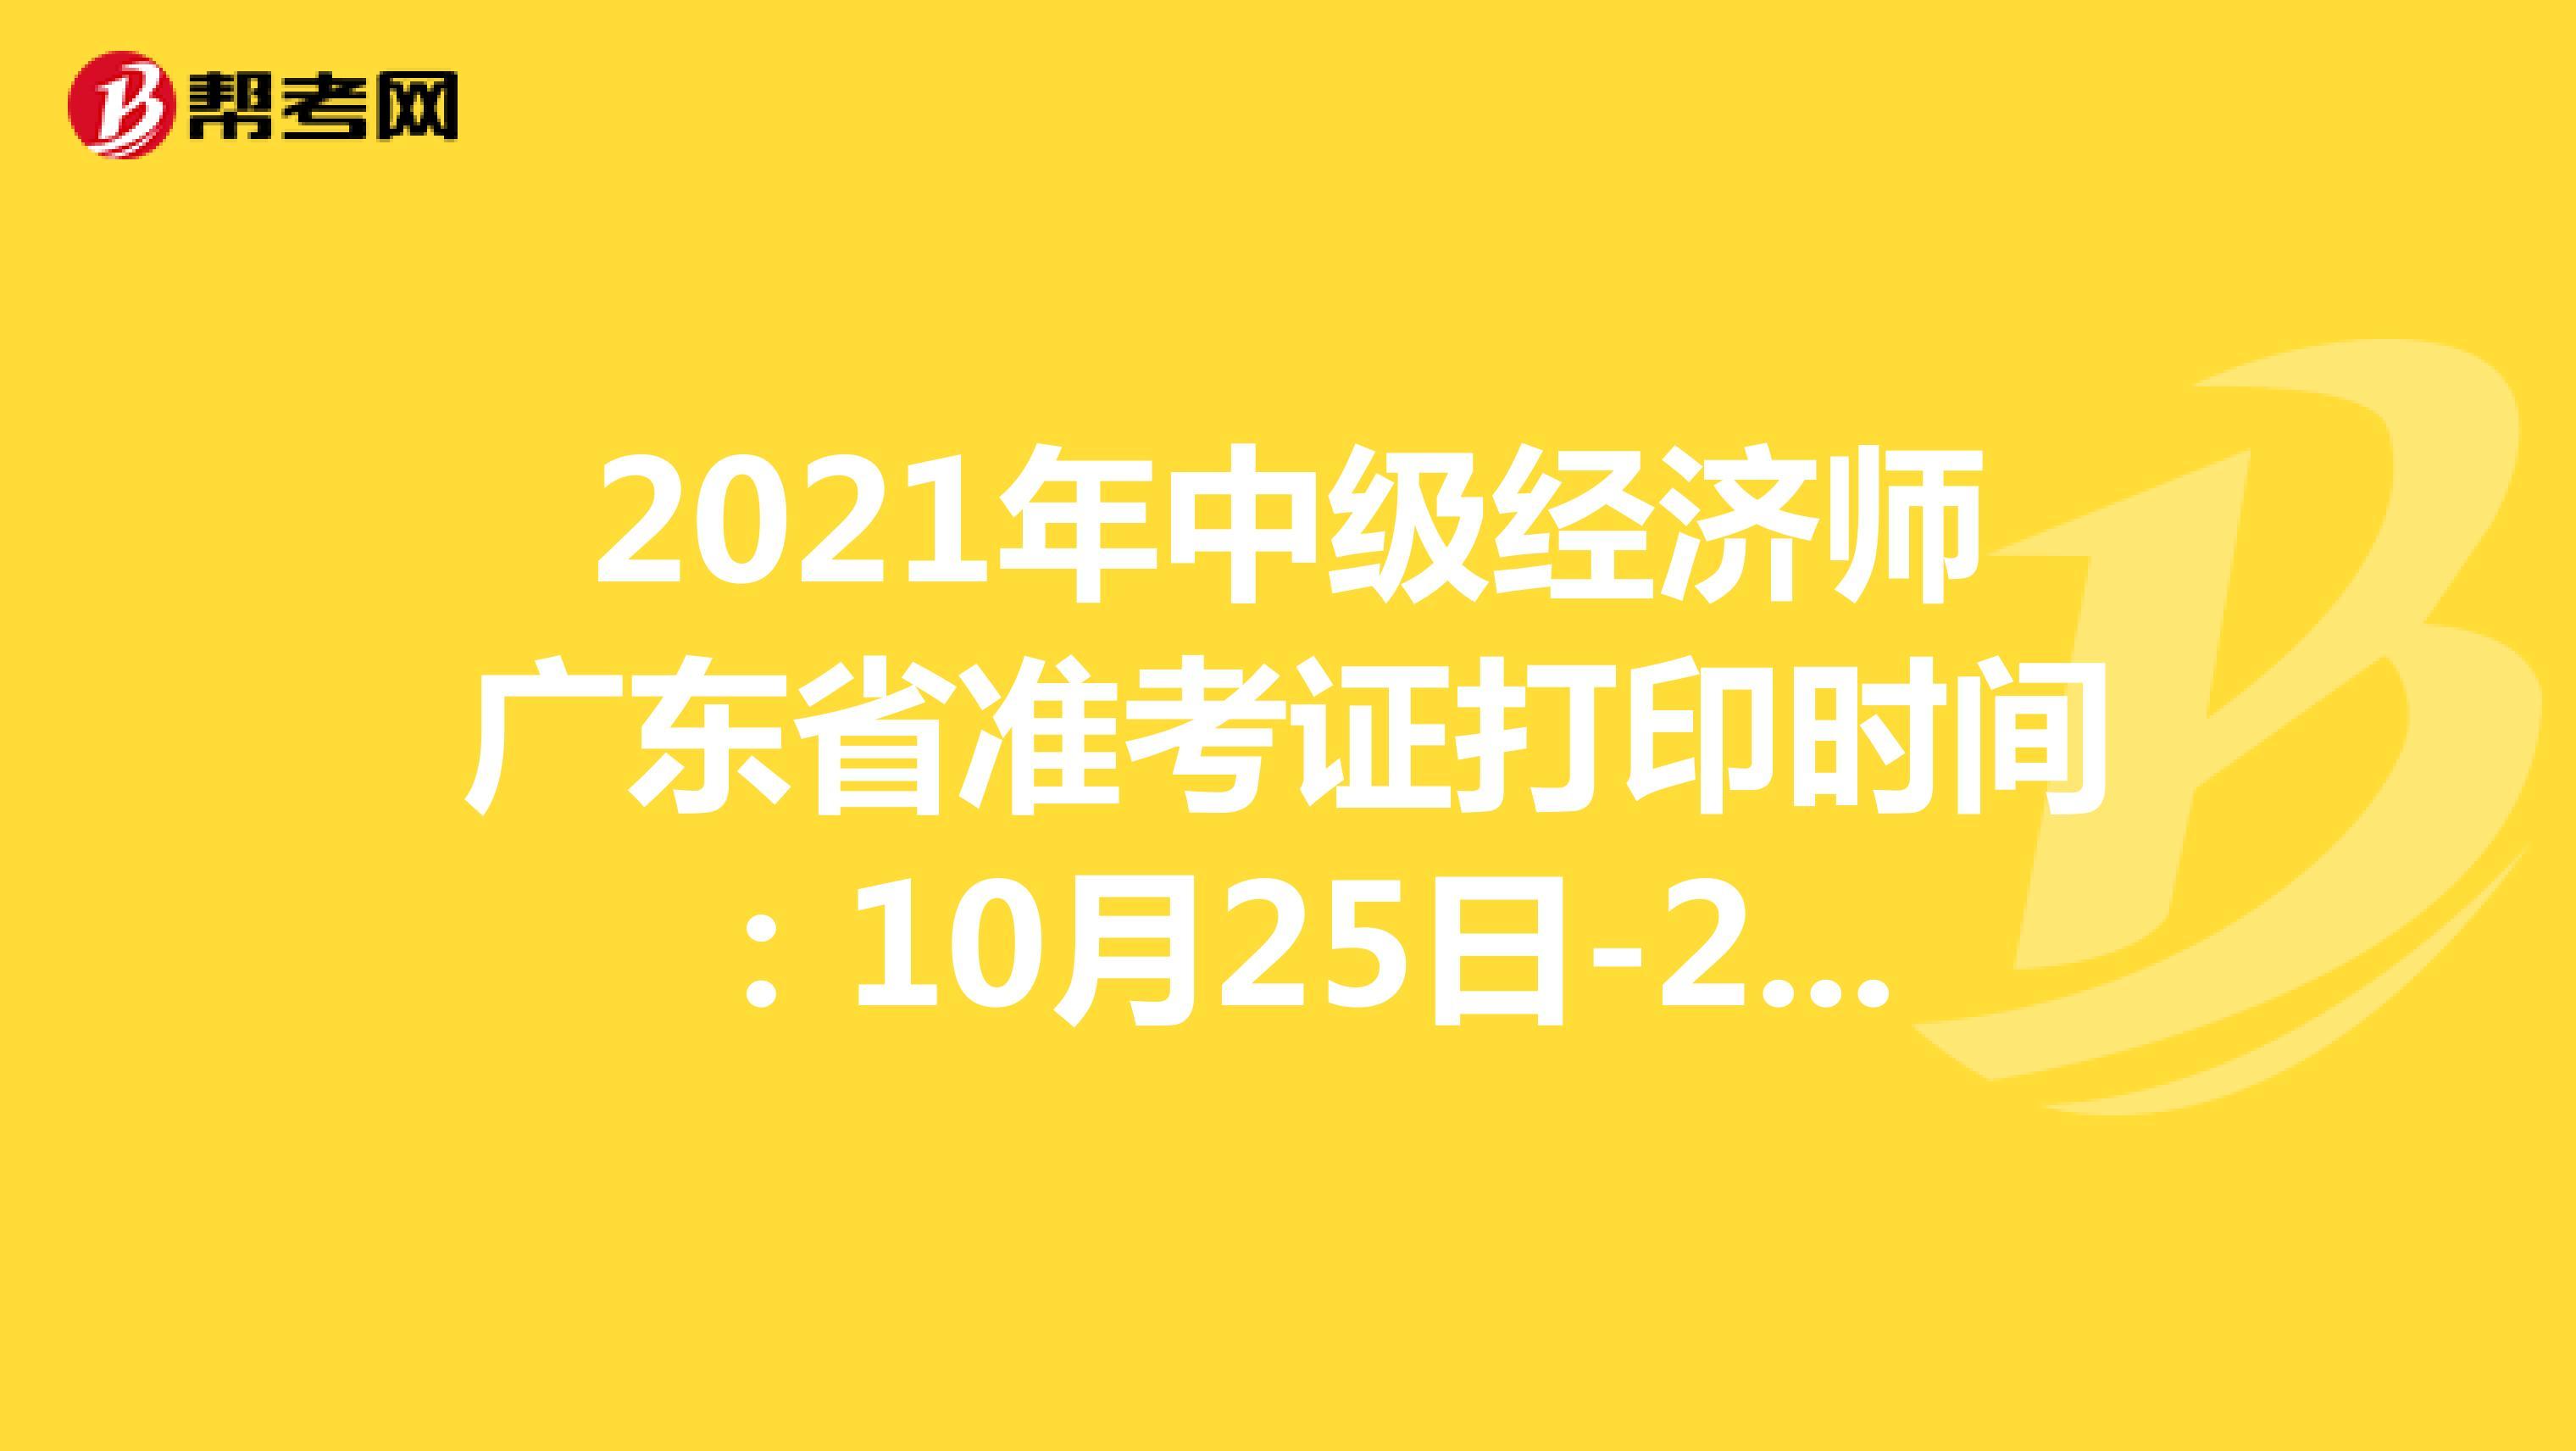 2021年中级经济师广东省准考证打印时间:10月25日-29日!